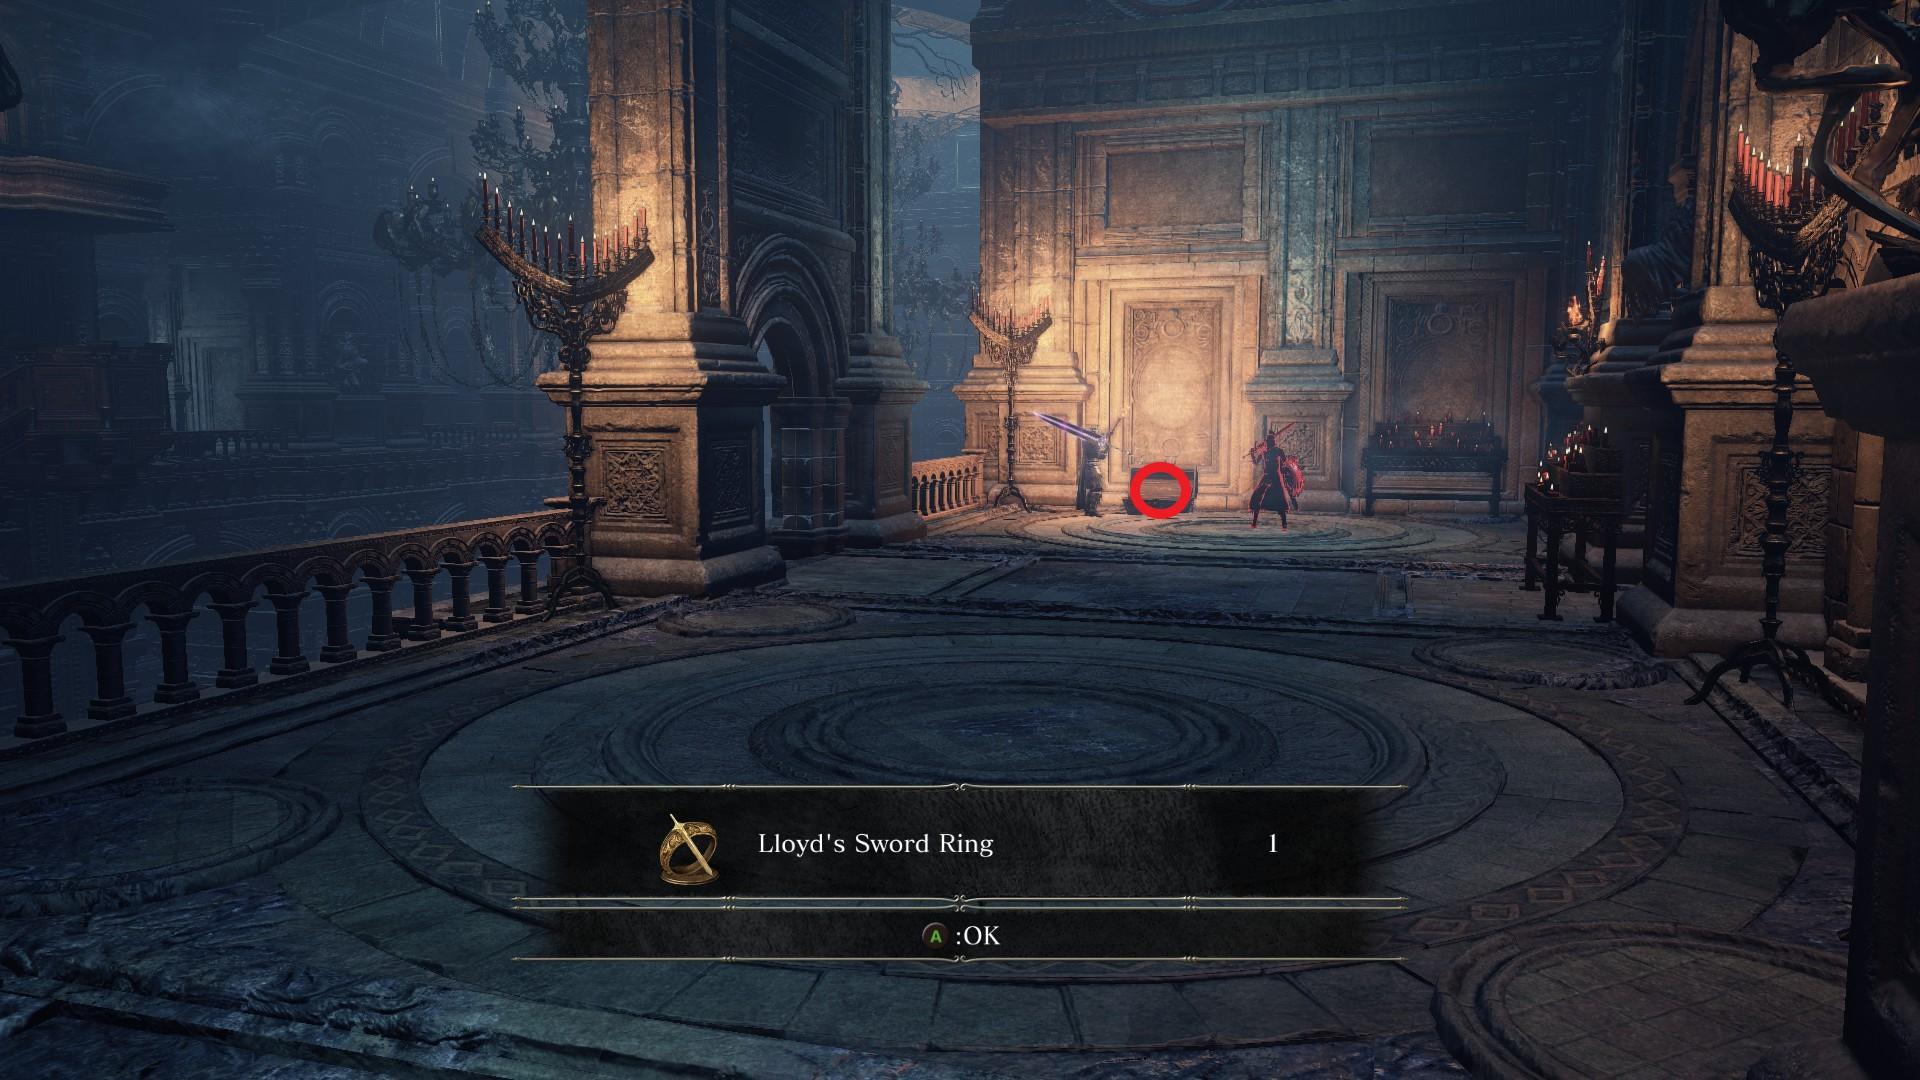 Lloyds_Sword_Ring.jpg